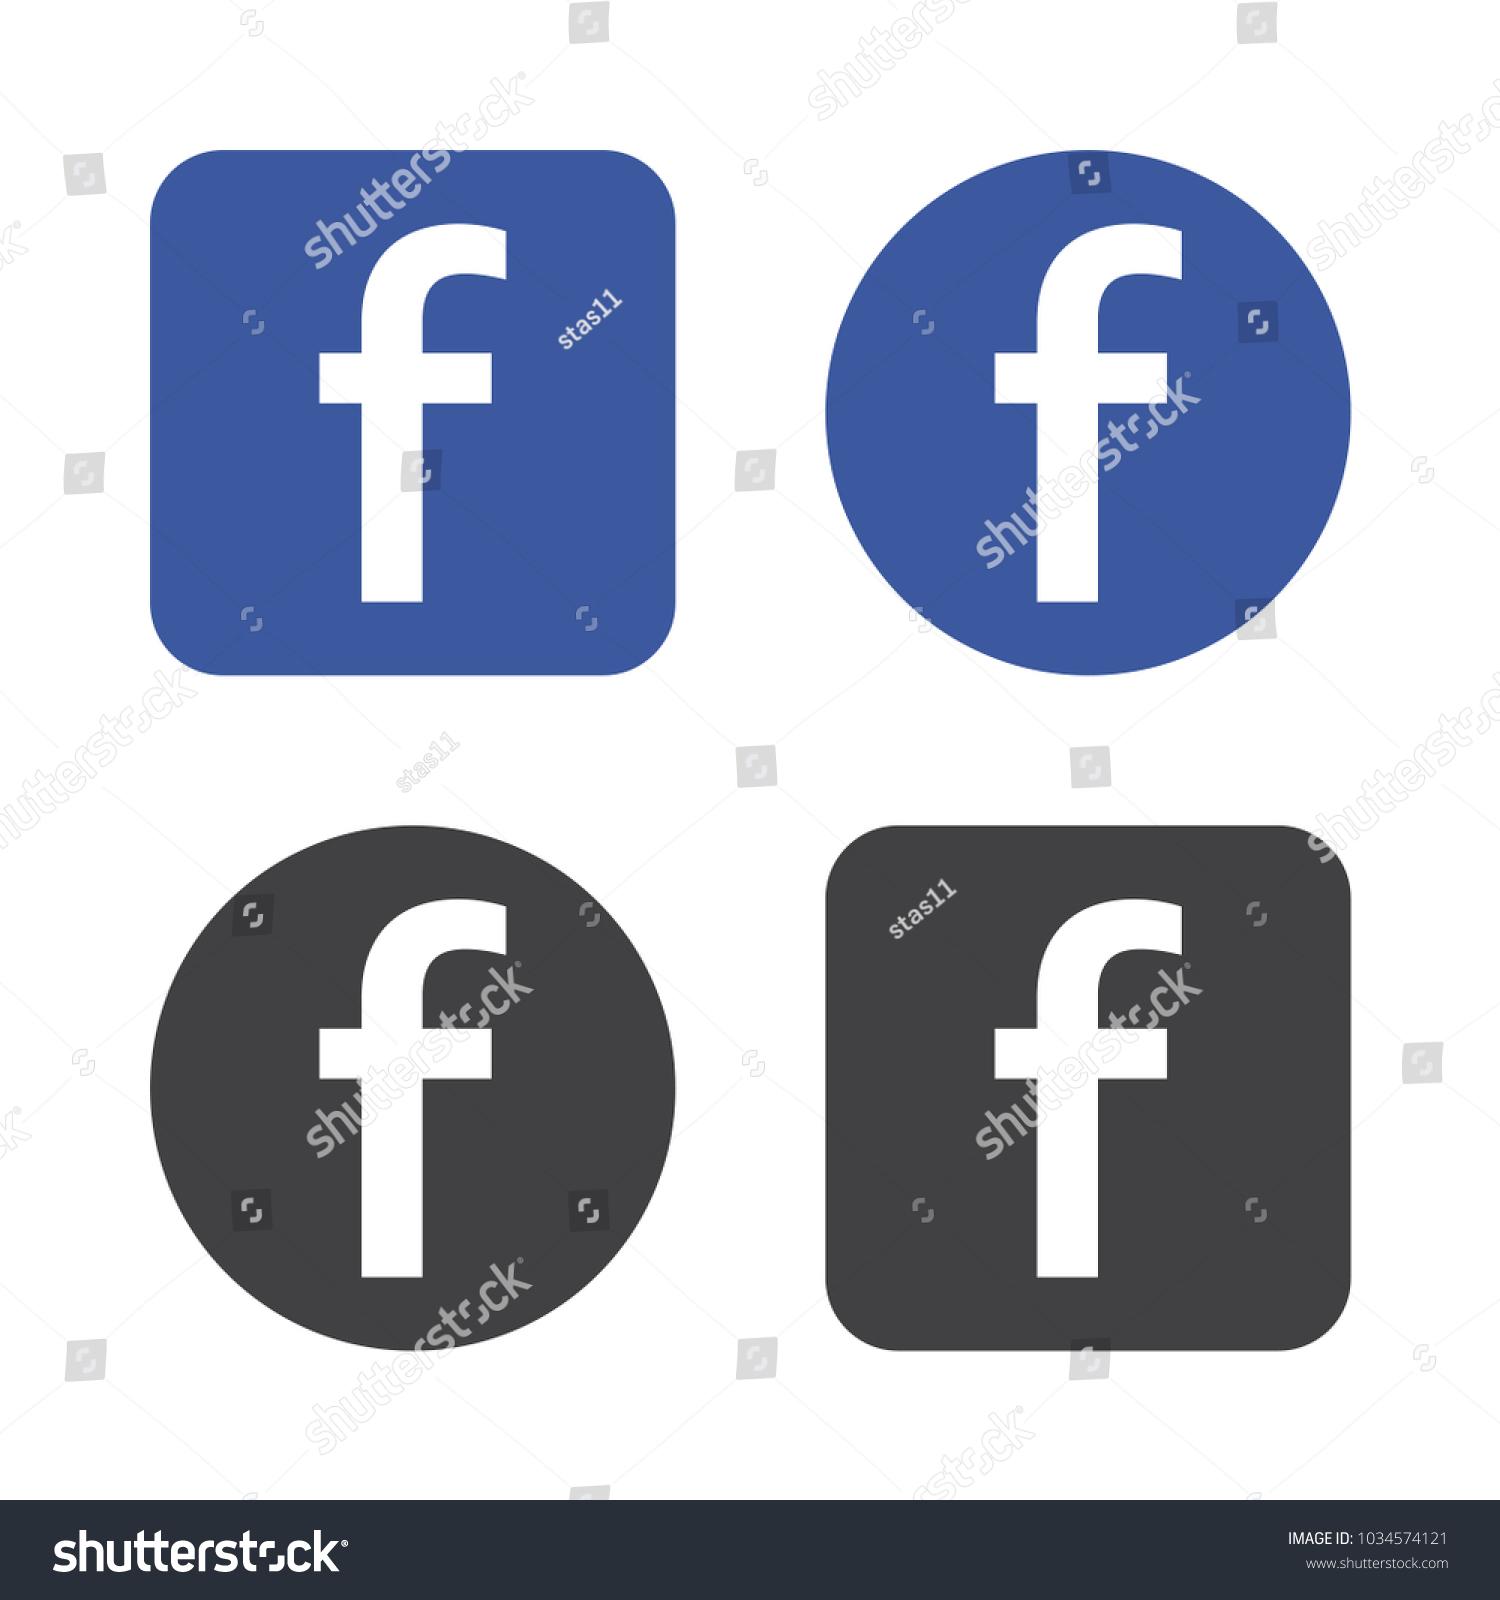 Vinnitsa ukraine march 01 2018 facebook stock vector 1034574121 vinnitsa ukraine march 01 2018 facebook logo vector illustration biocorpaavc